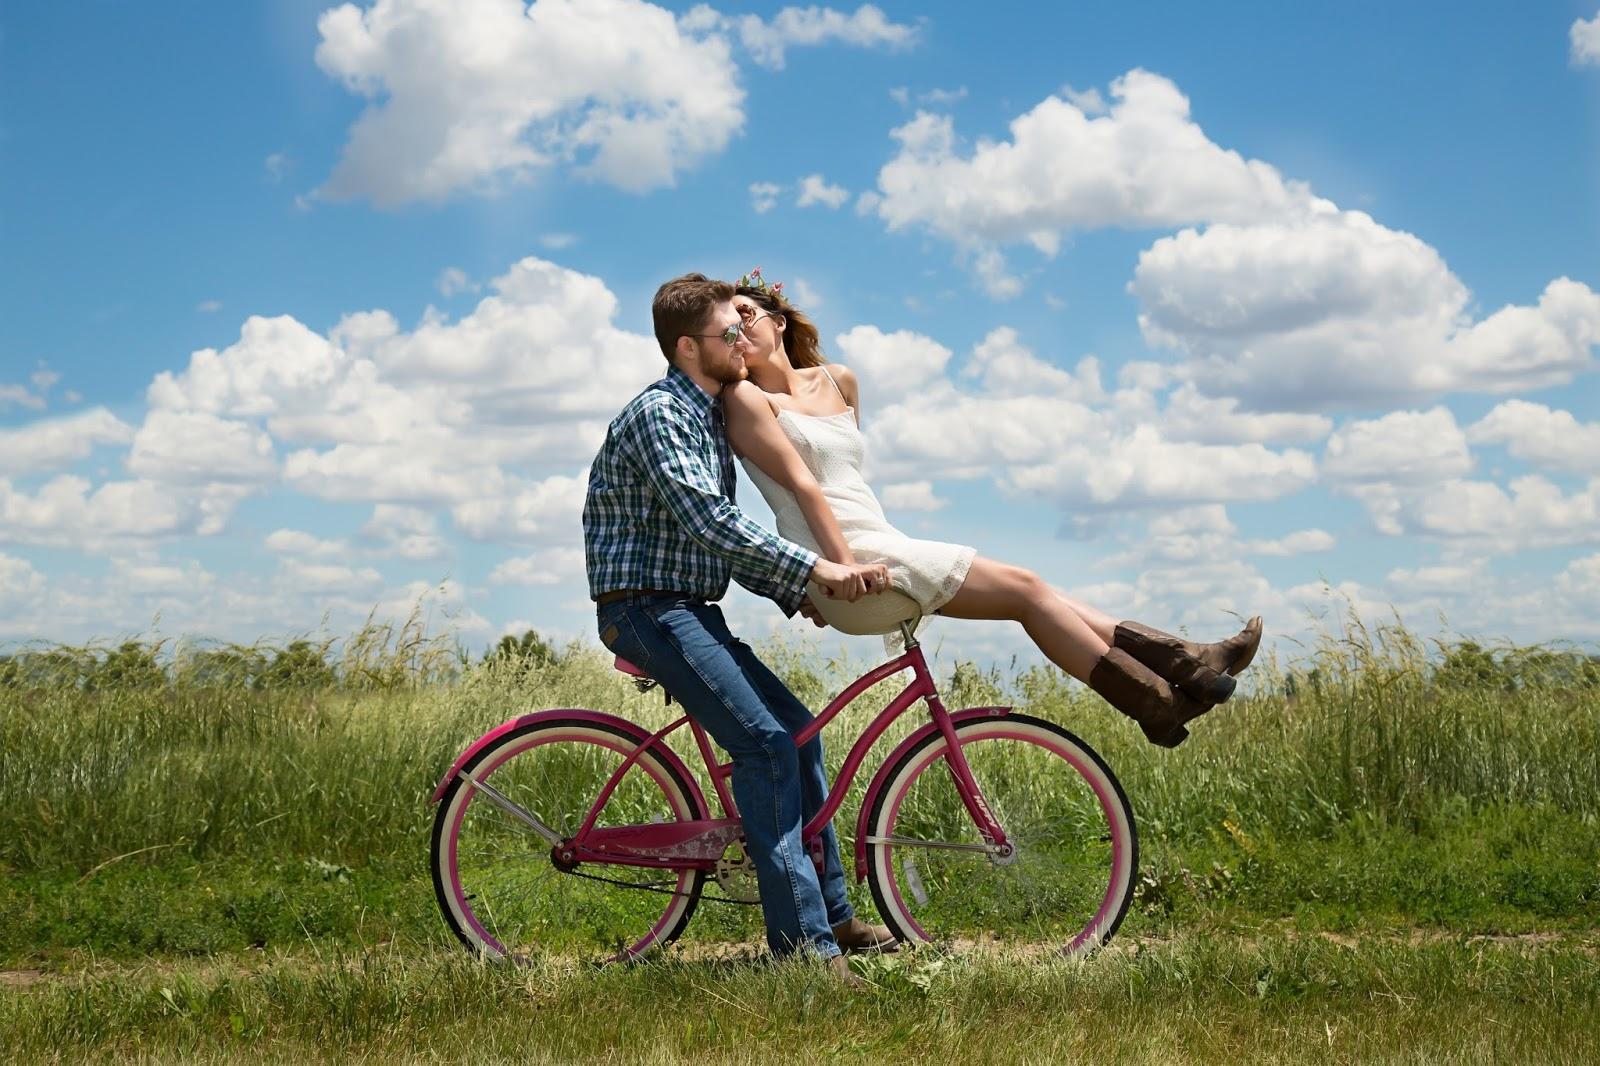 najlepszy czas na rozpoczęcie randki po zerwaniu randki z mężczyzną, który mieszka z byłą żoną